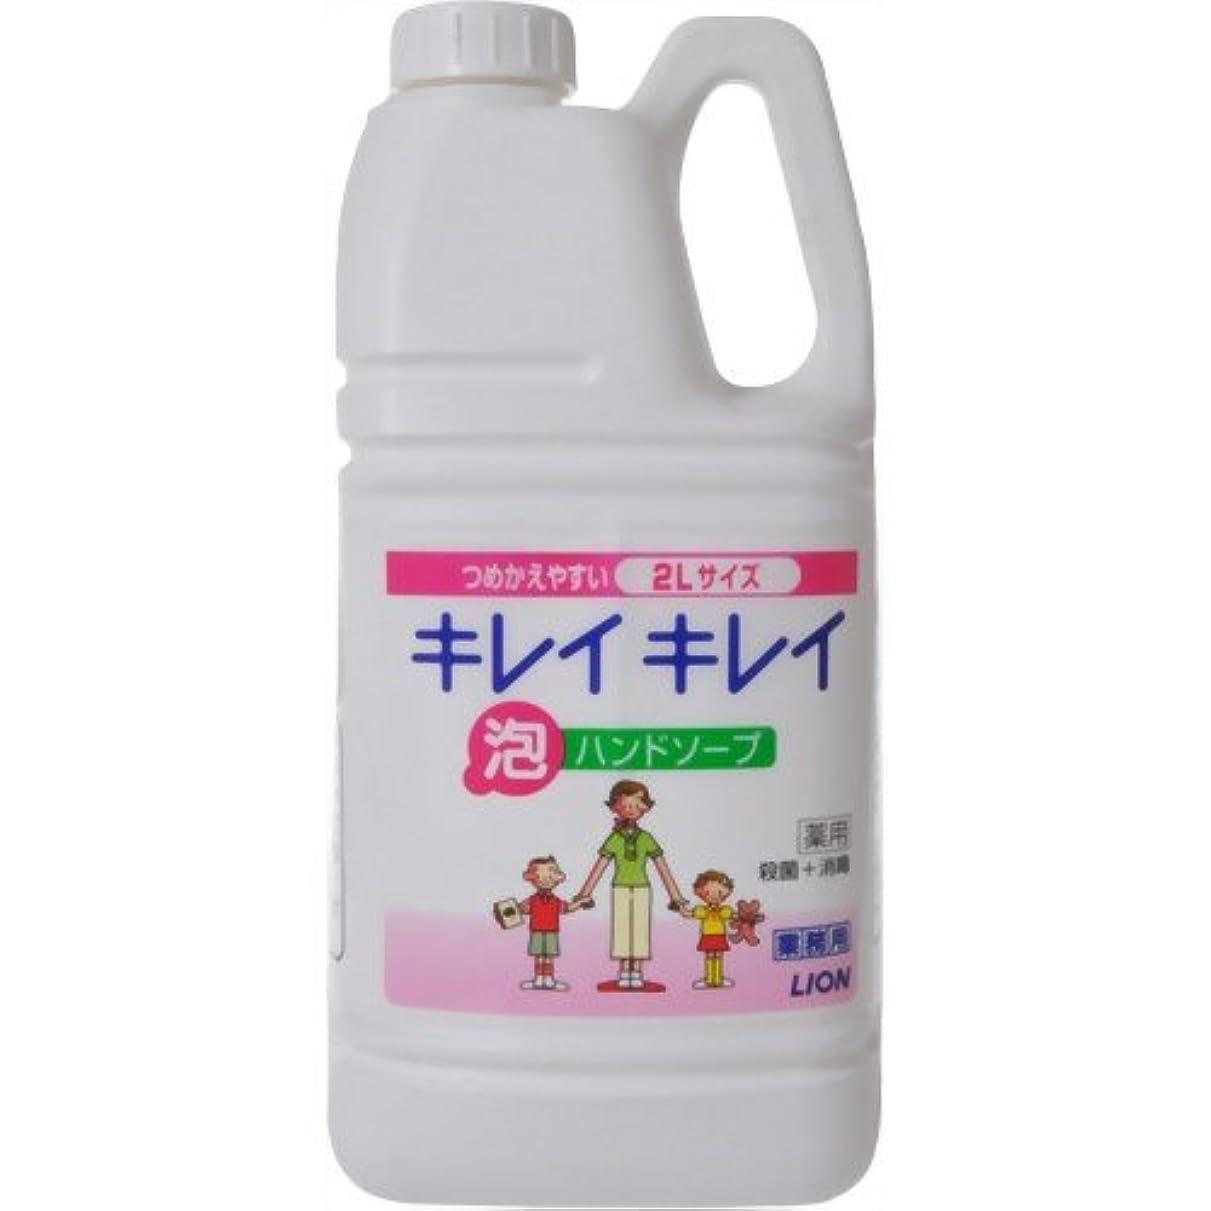 ストリーム短命倍率キレイキレイ薬用泡ハンドソープ2L(業務用)